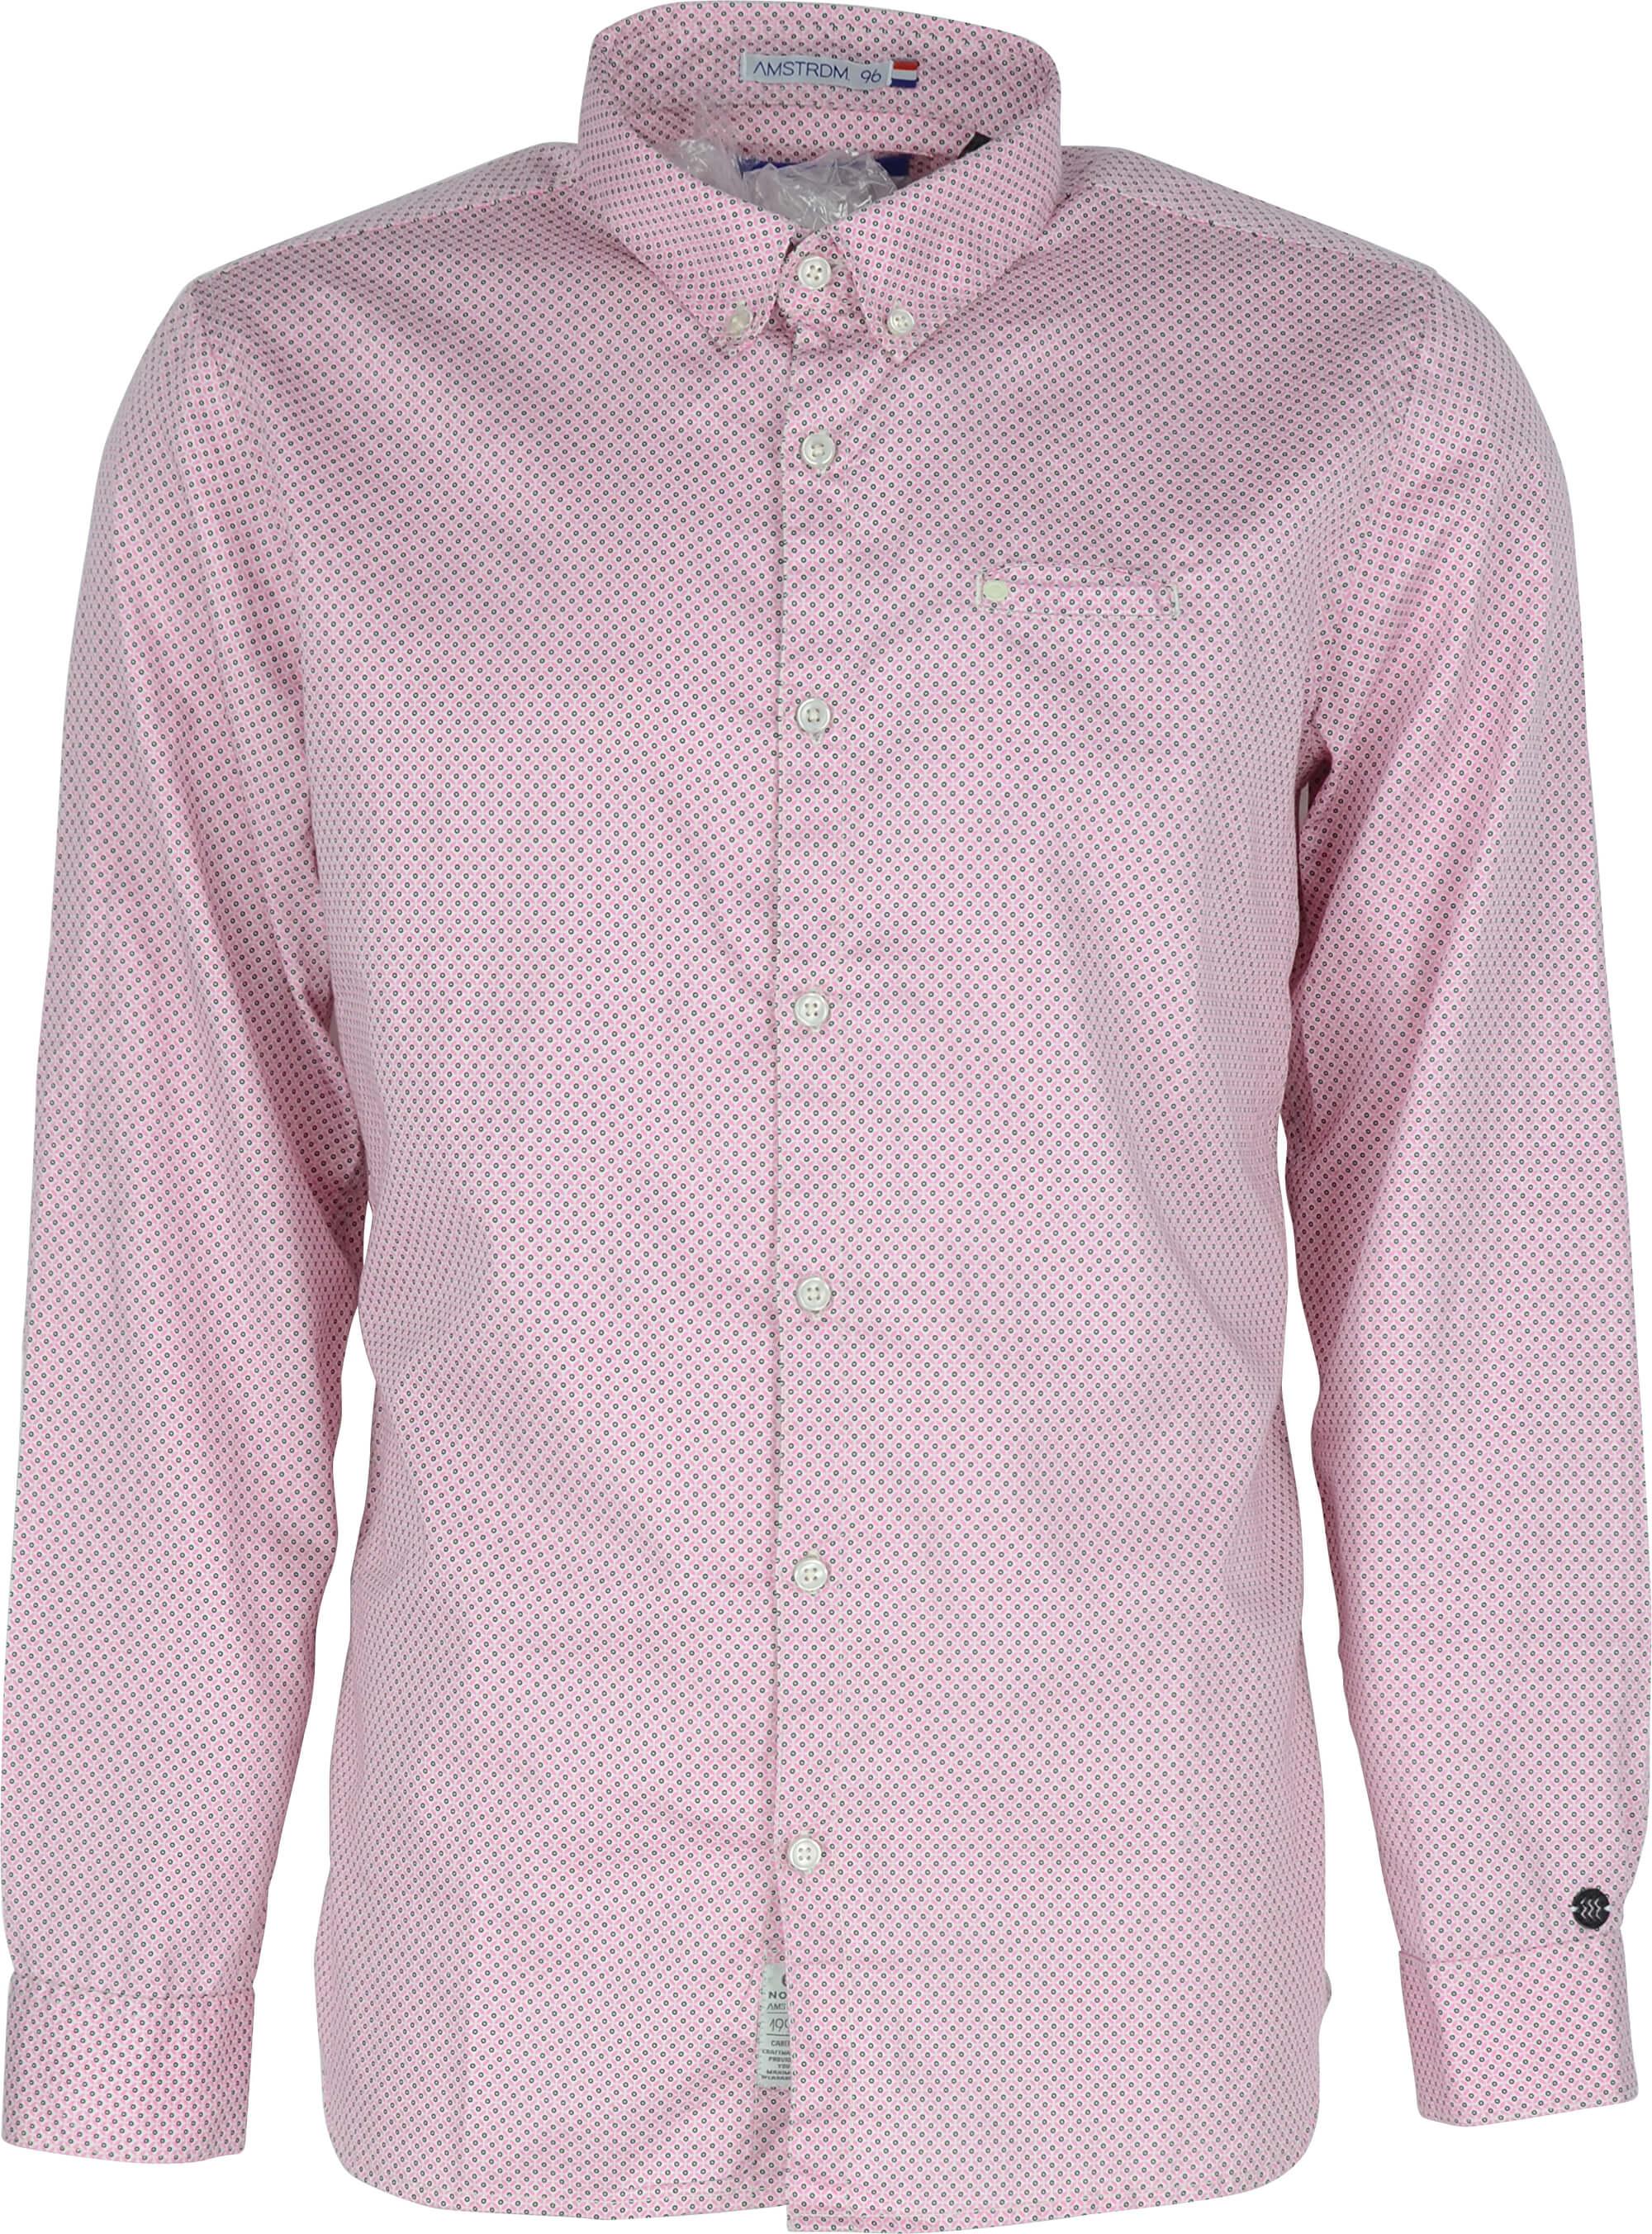 Noize Pánská košile Bright Pink 4446105-00  c84b743b3b